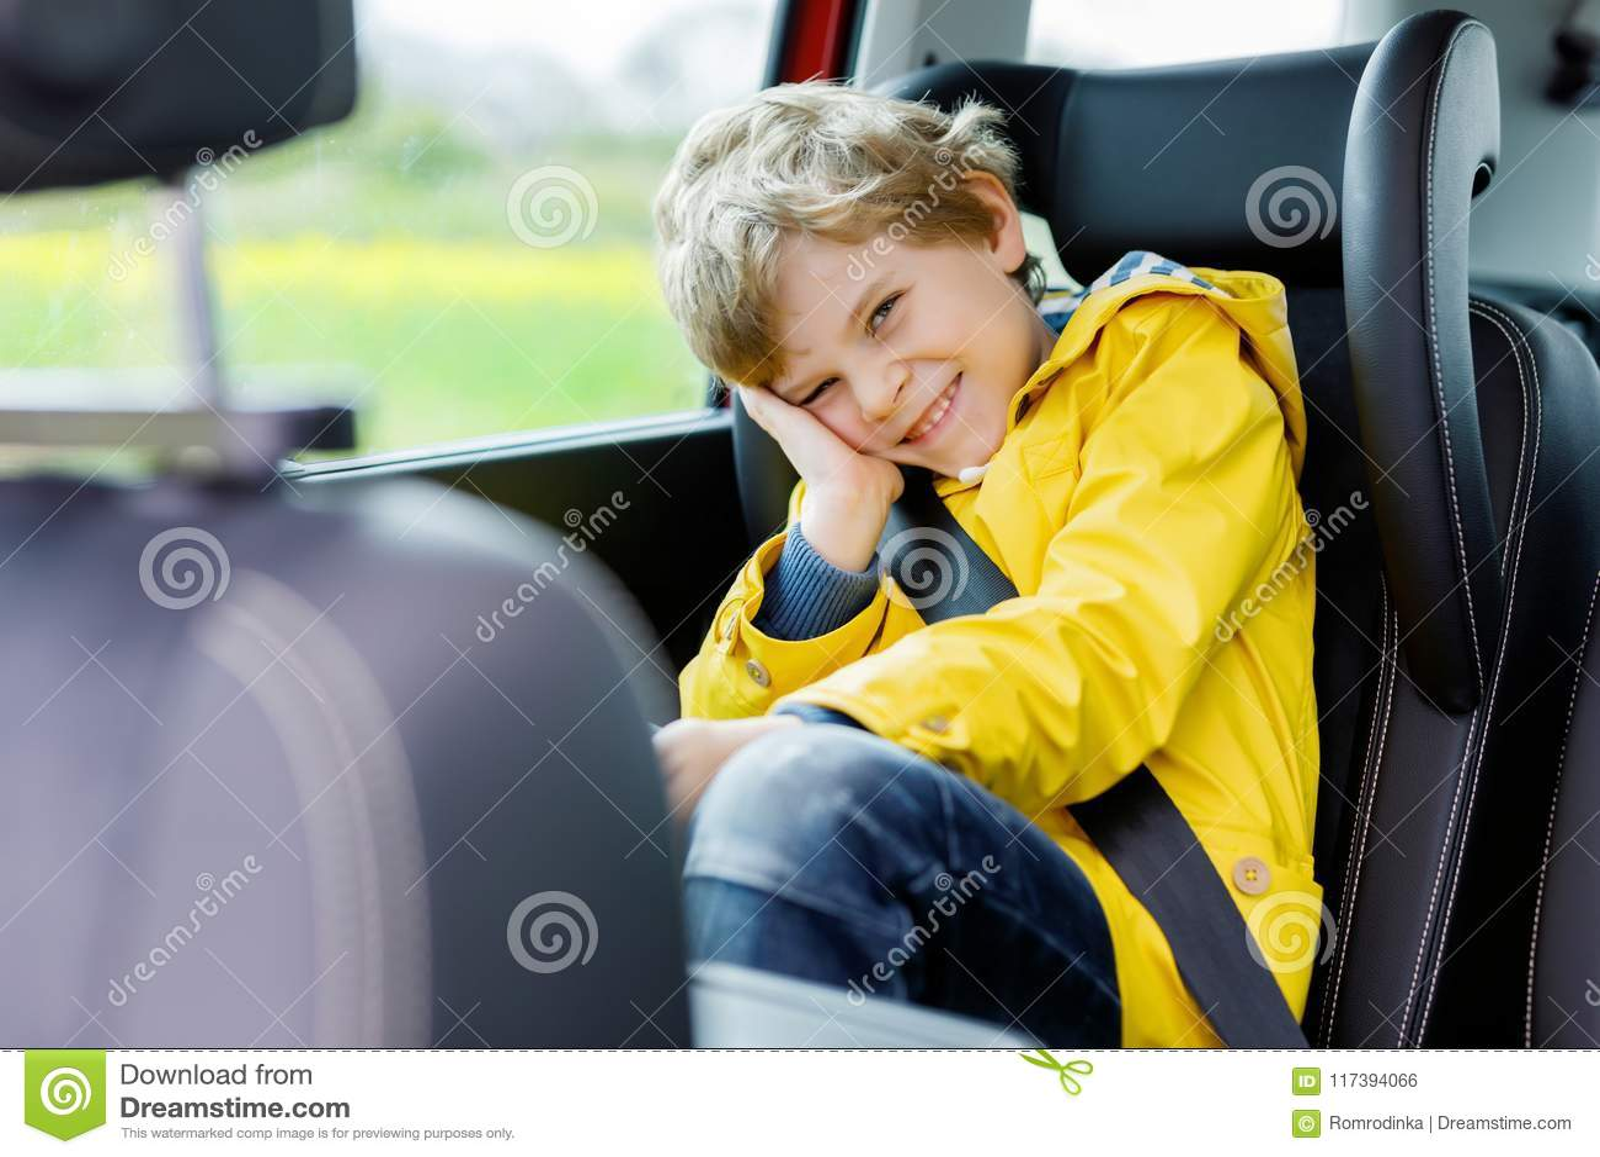 98ab639ca Adorable Cute Preschool Kid Boy Sitting In Car In Yellow Rain Coat ...